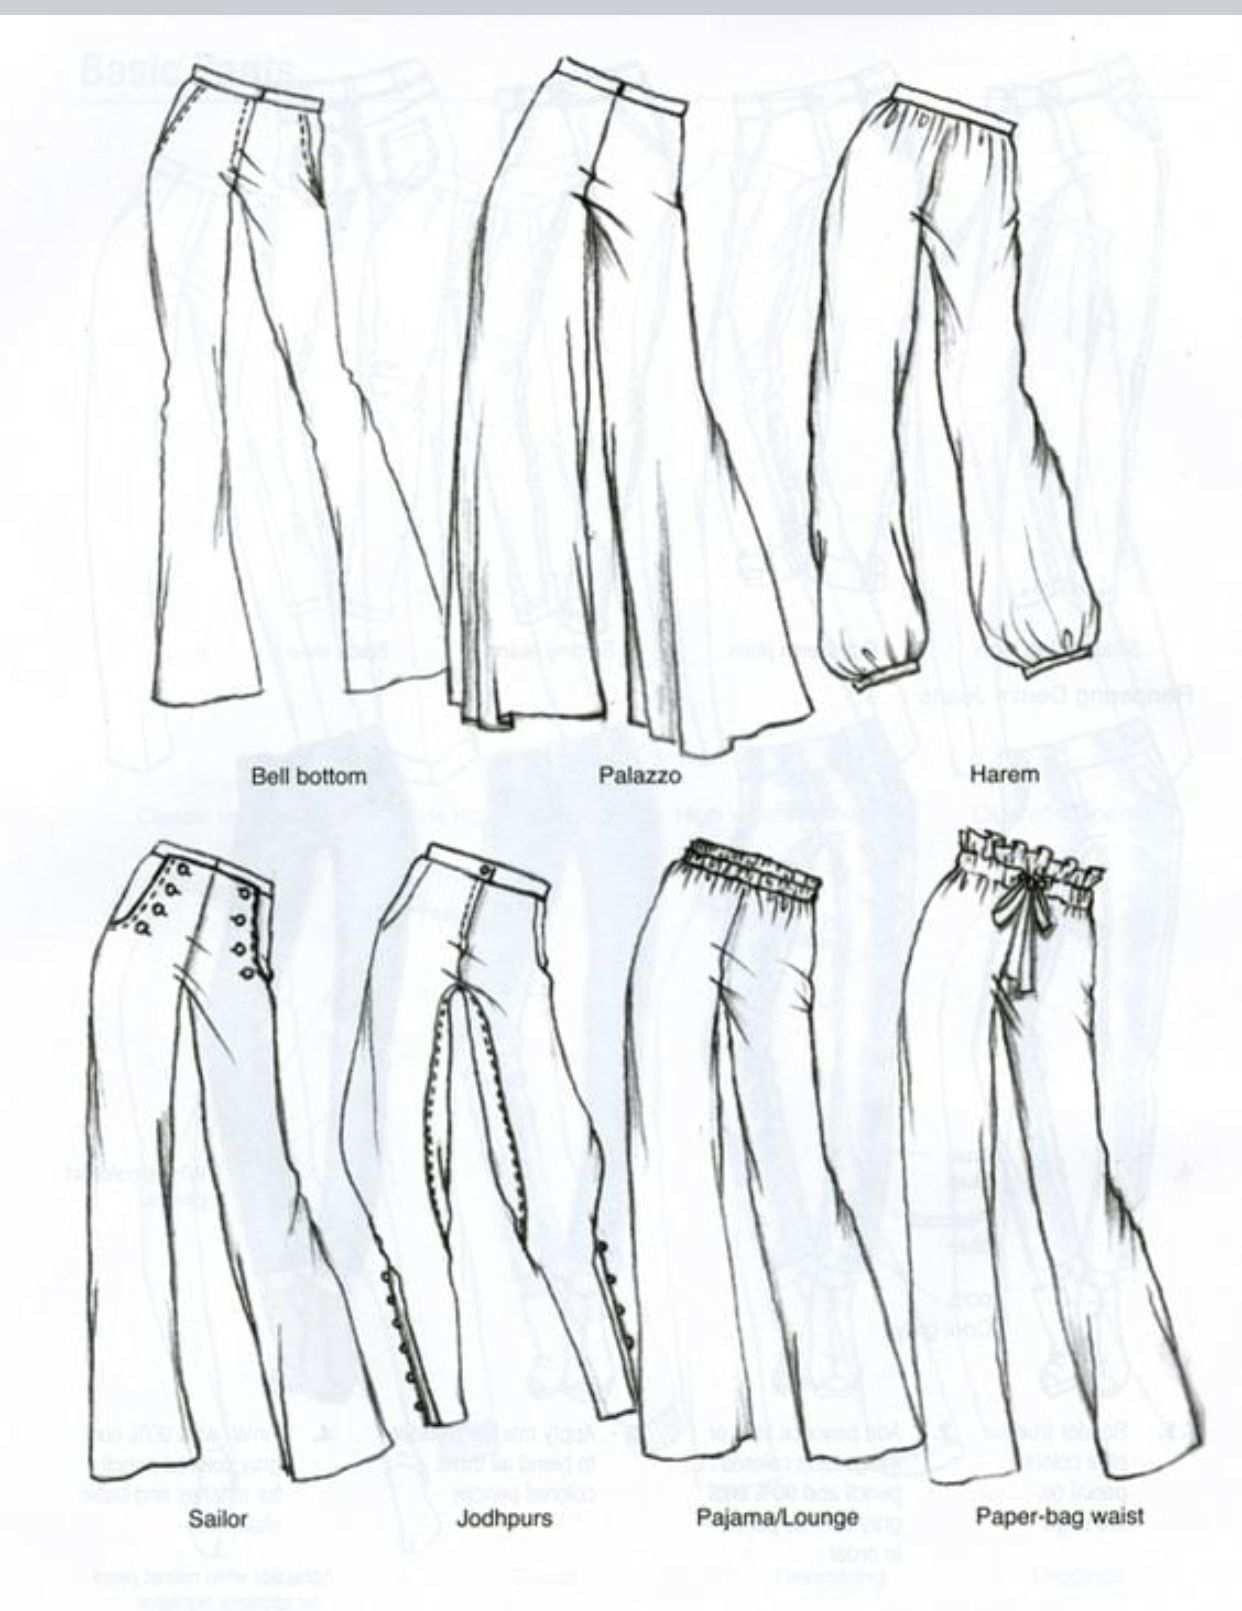 Kleider Zeichnen Vorlage In 2020 Fashion Design Sketches Fashion Drawing Sketches Fashion Design Sketchbook